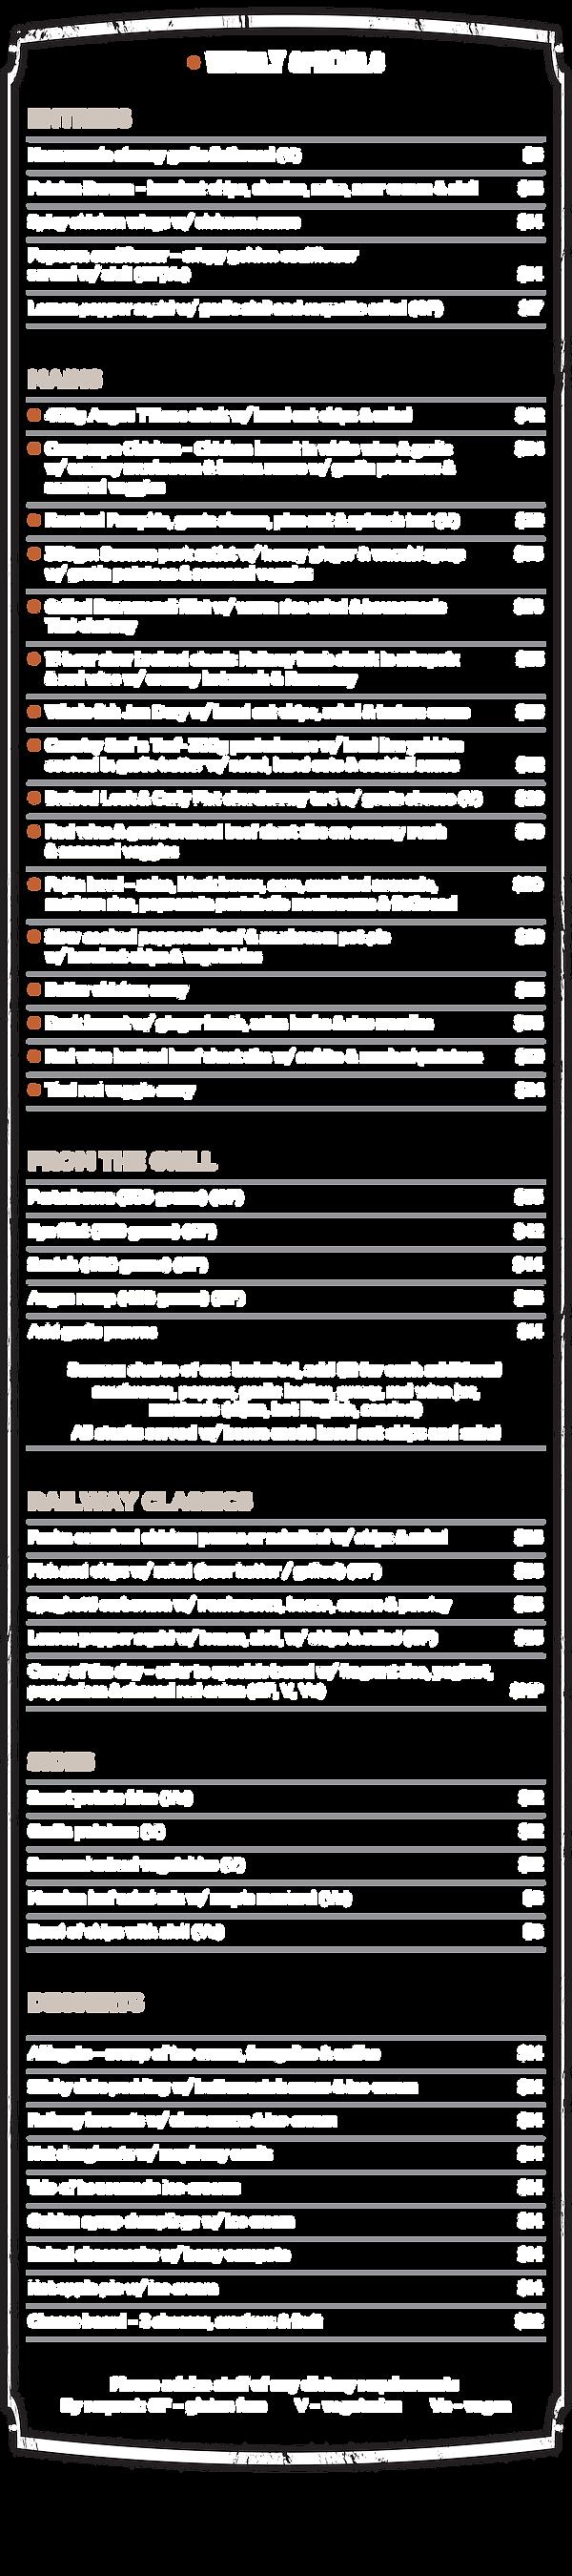 Railway website menu - 21 May 2021.png